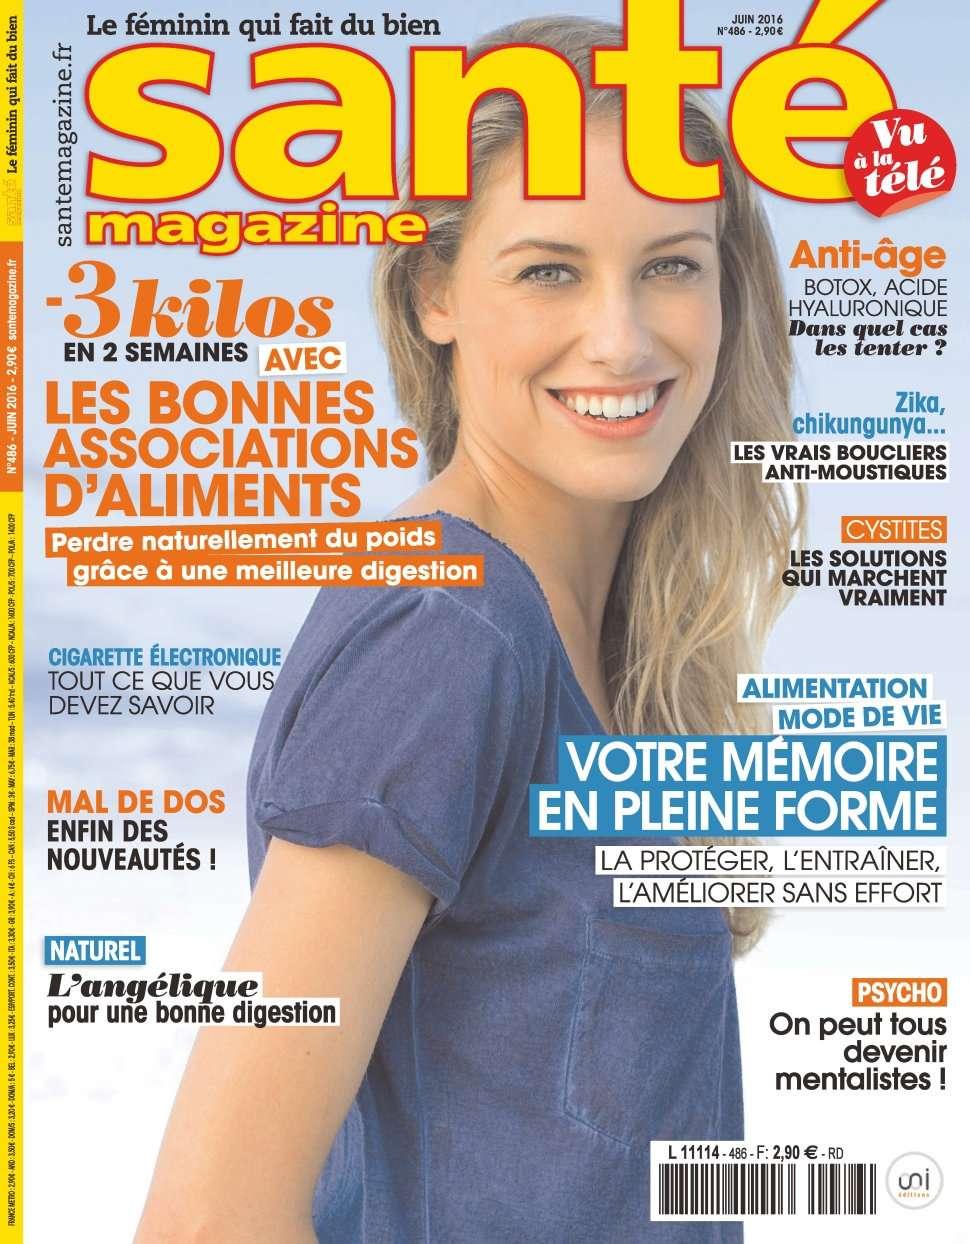 Santé Magazine 486 - Juin 2016